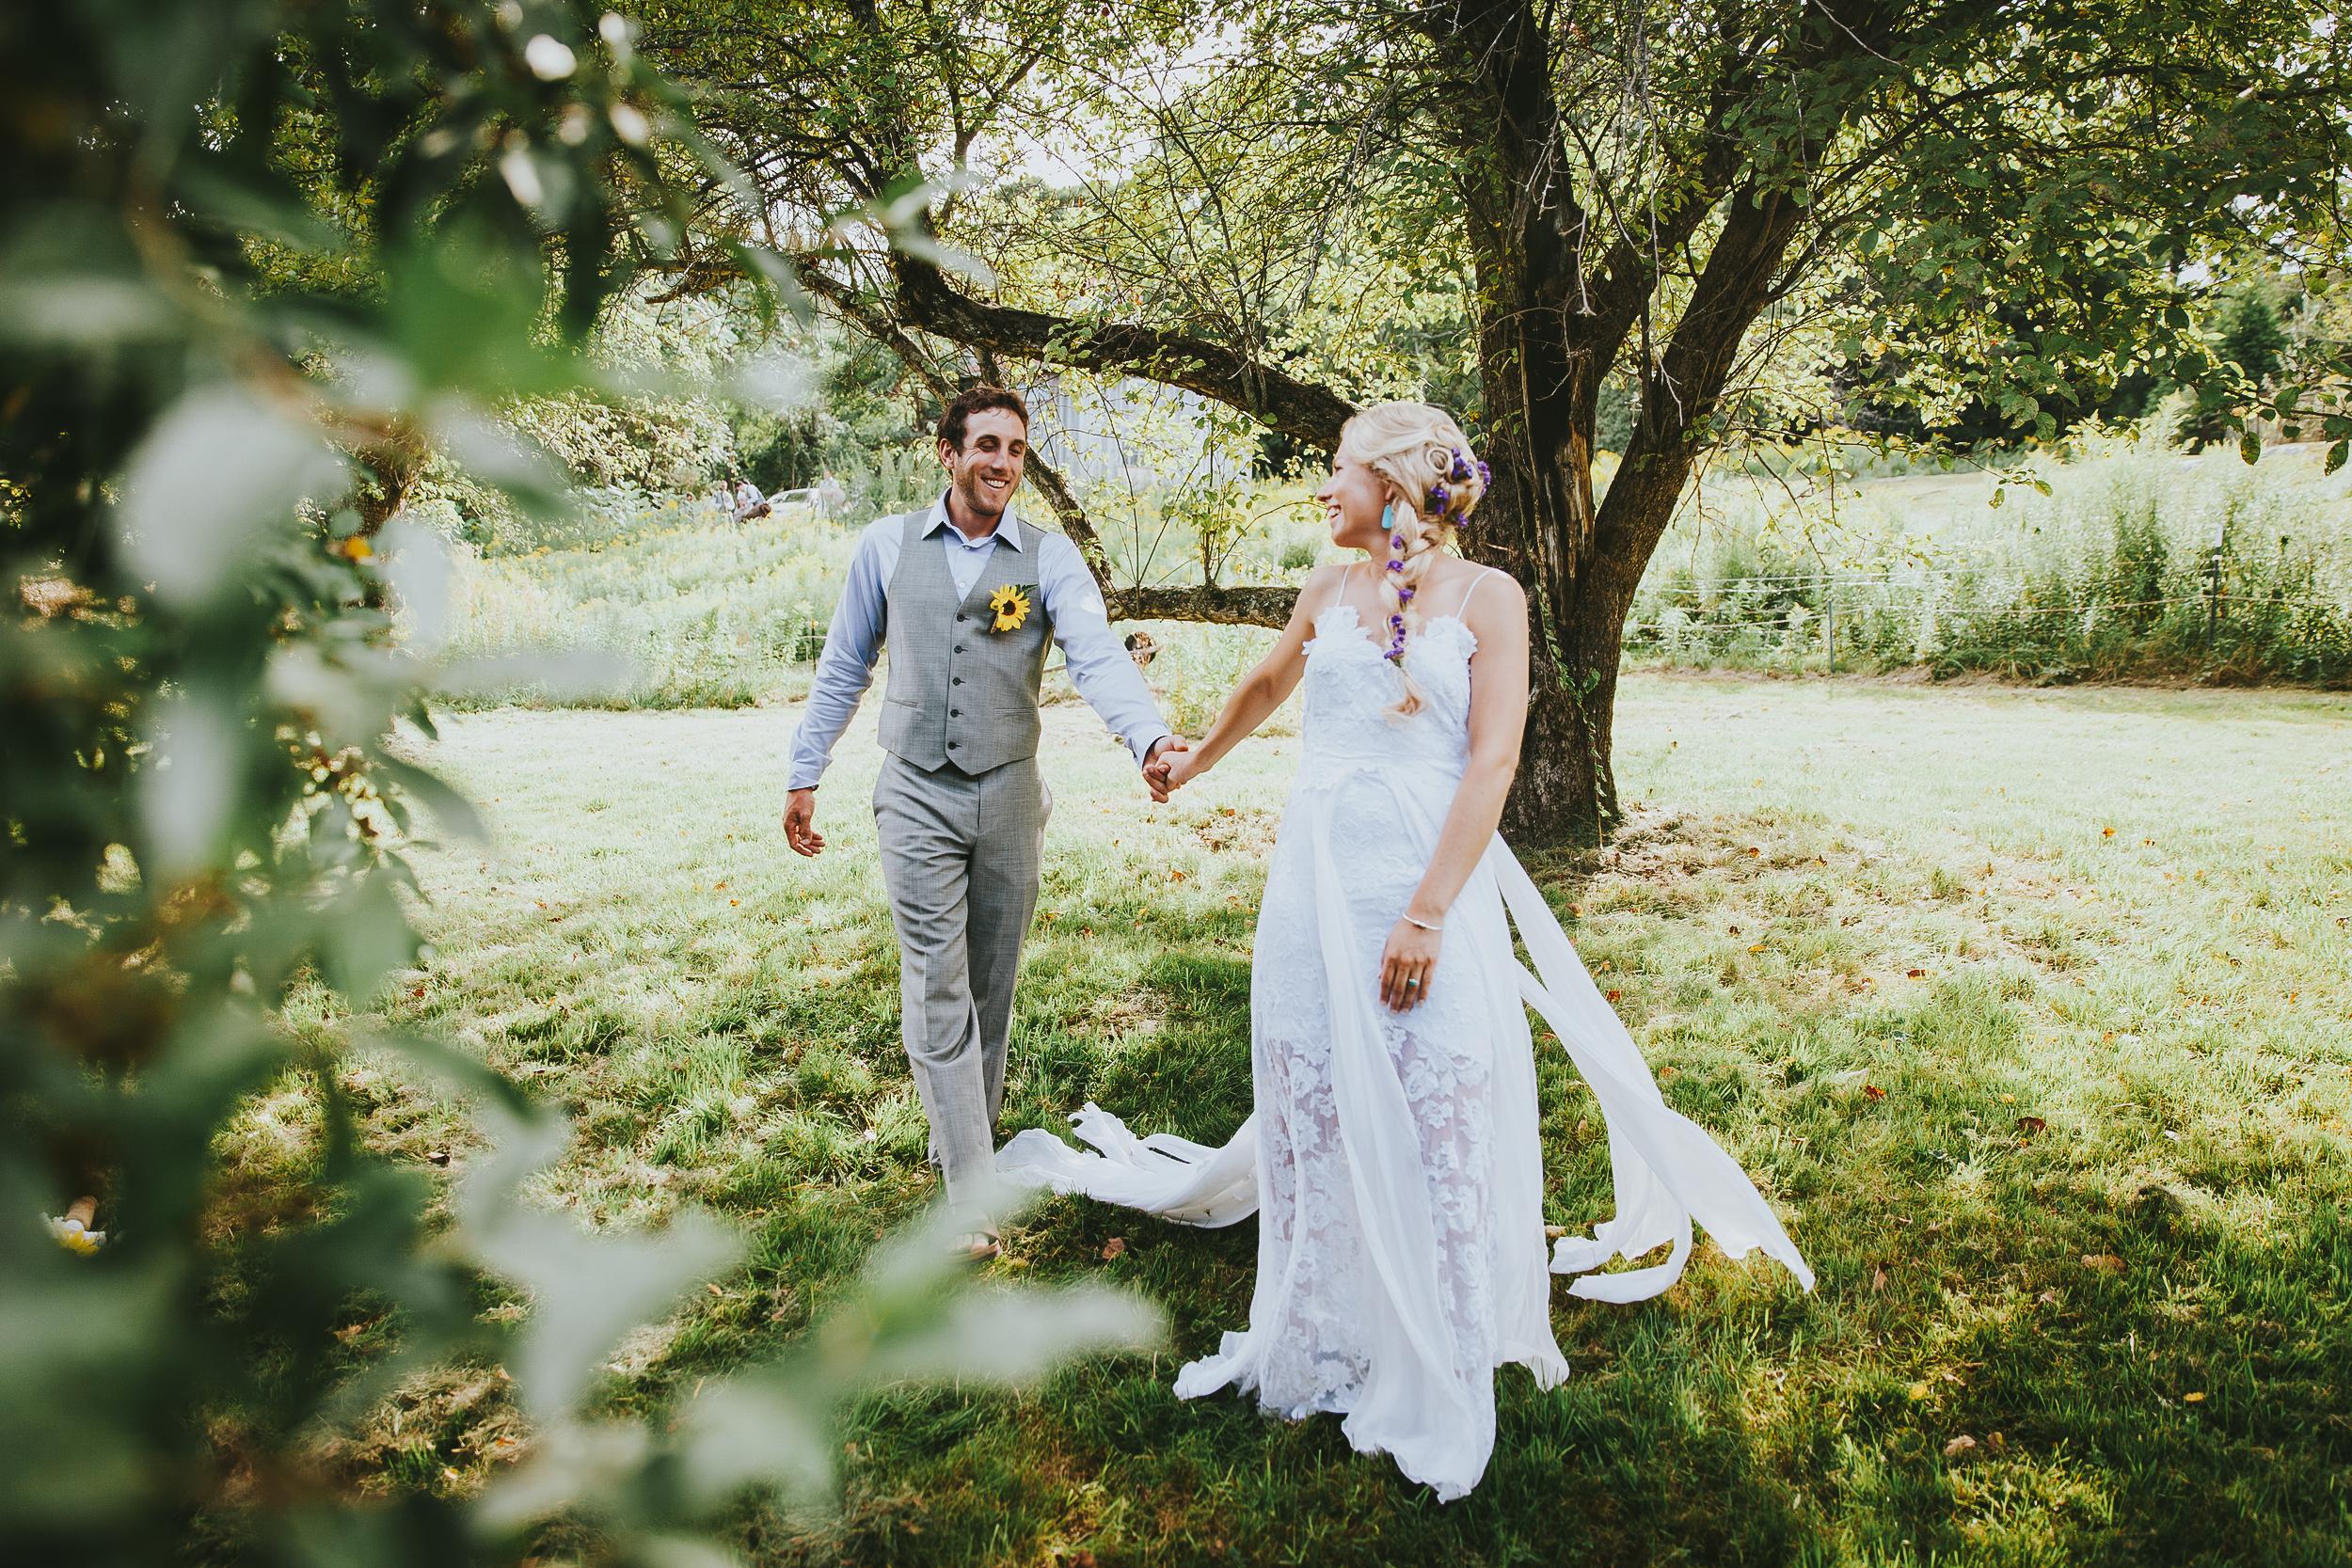 Ayla and David - WEDDING CHICKS